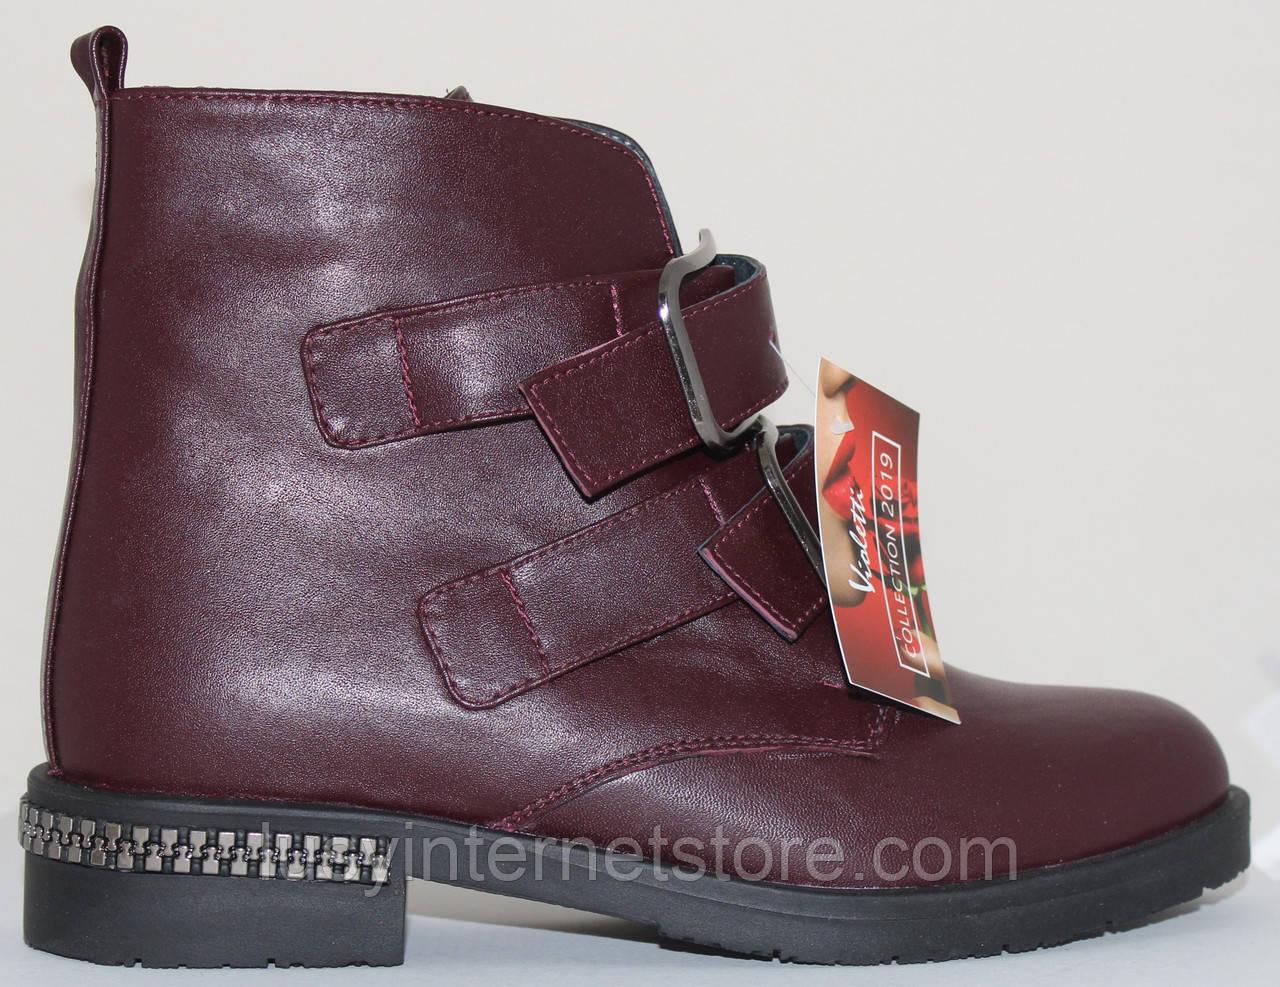 Ботинки женские кожаные демисезонные на низком каблуке от производителя модель СВ809